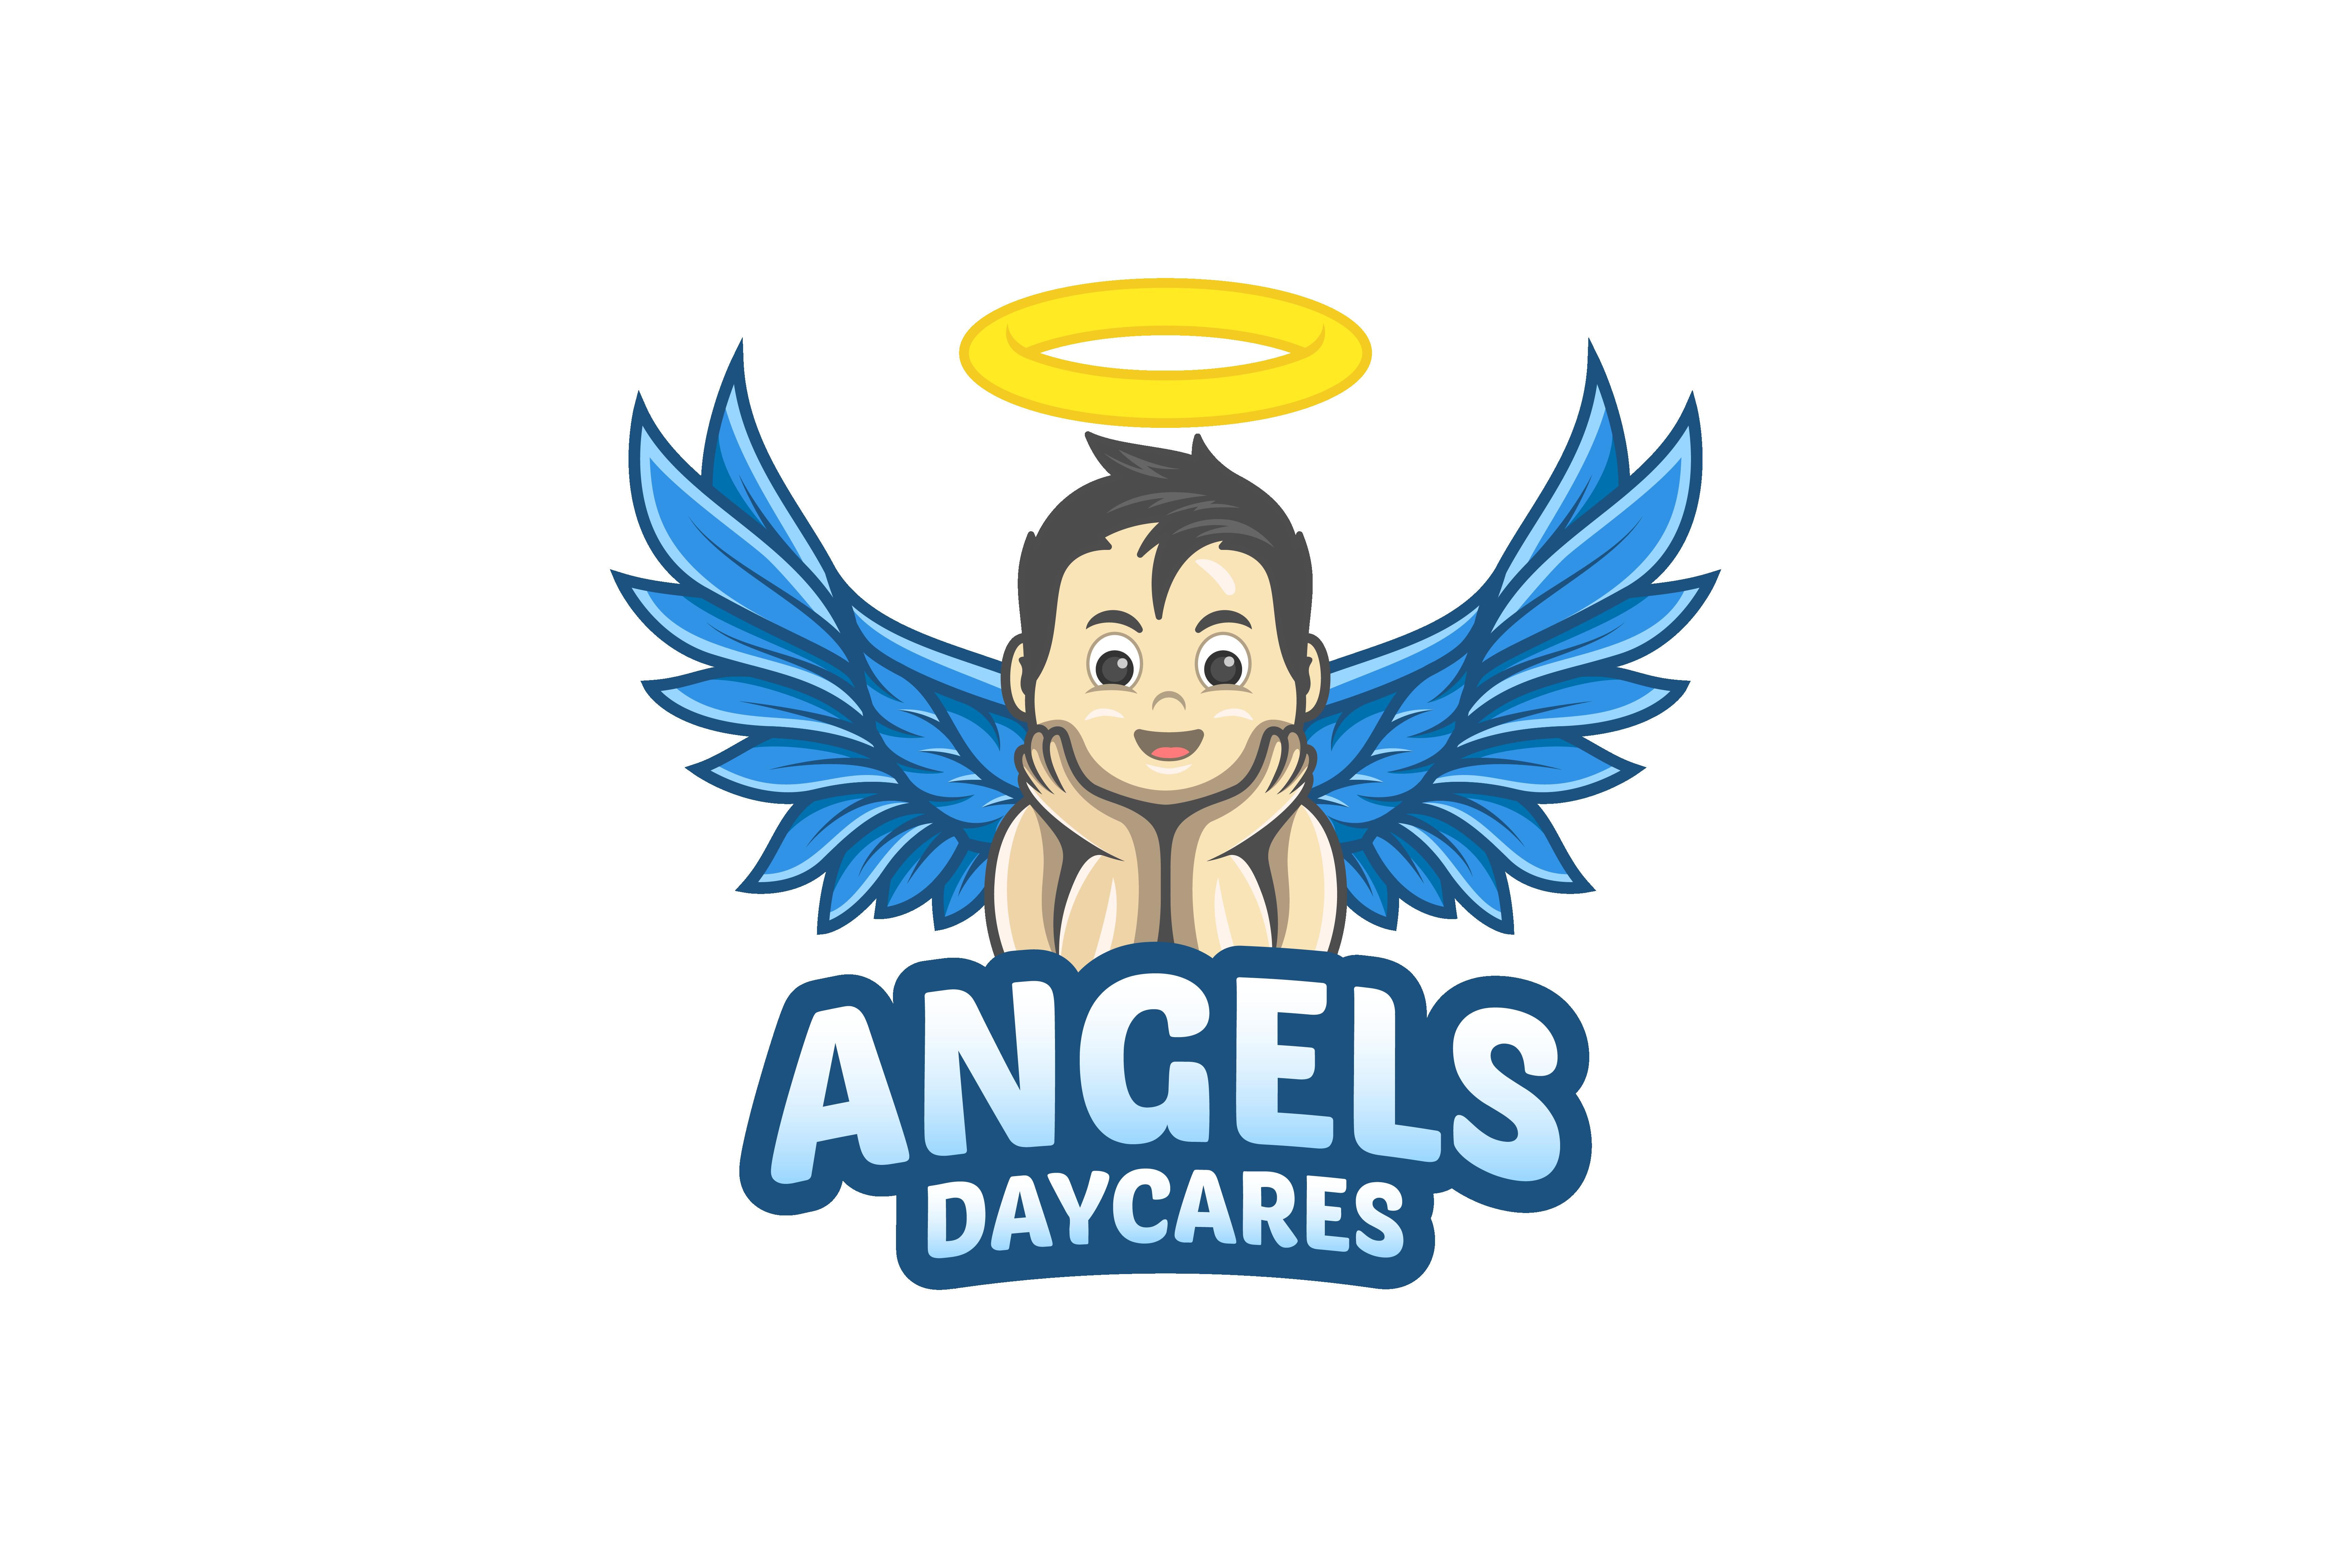 Angels Daycares Logo